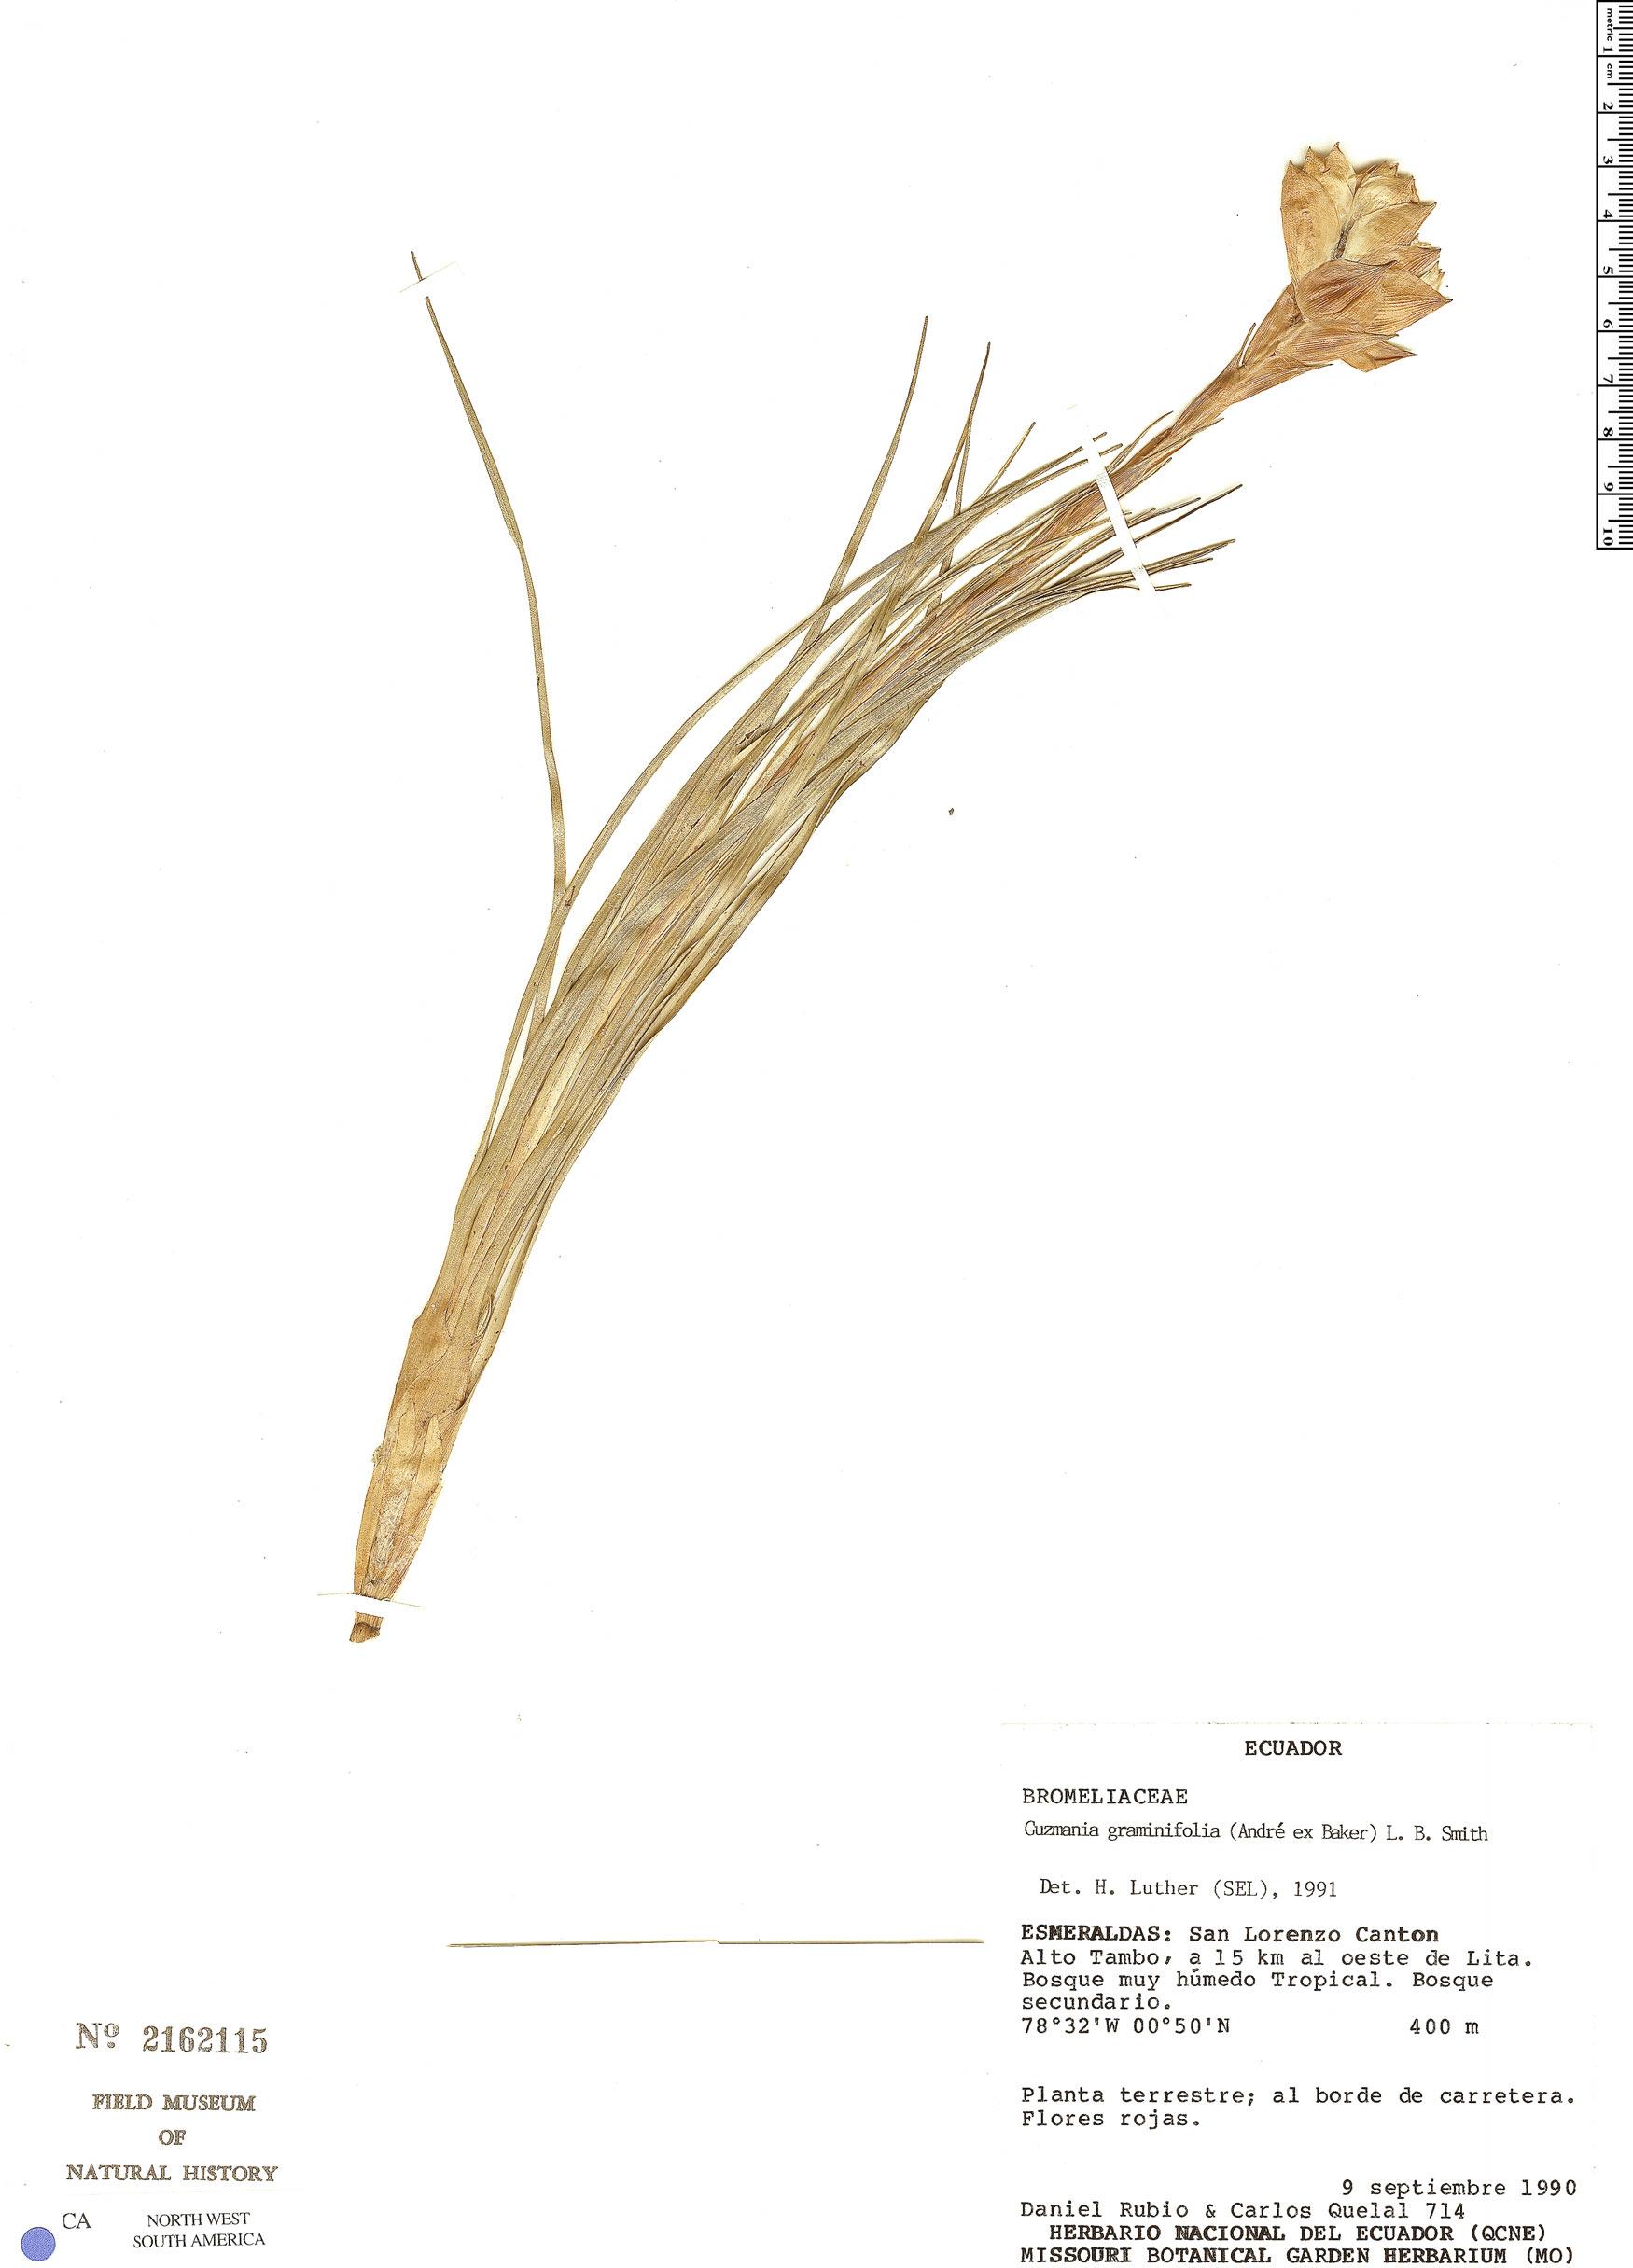 Specimen: Guzmania graminifolia